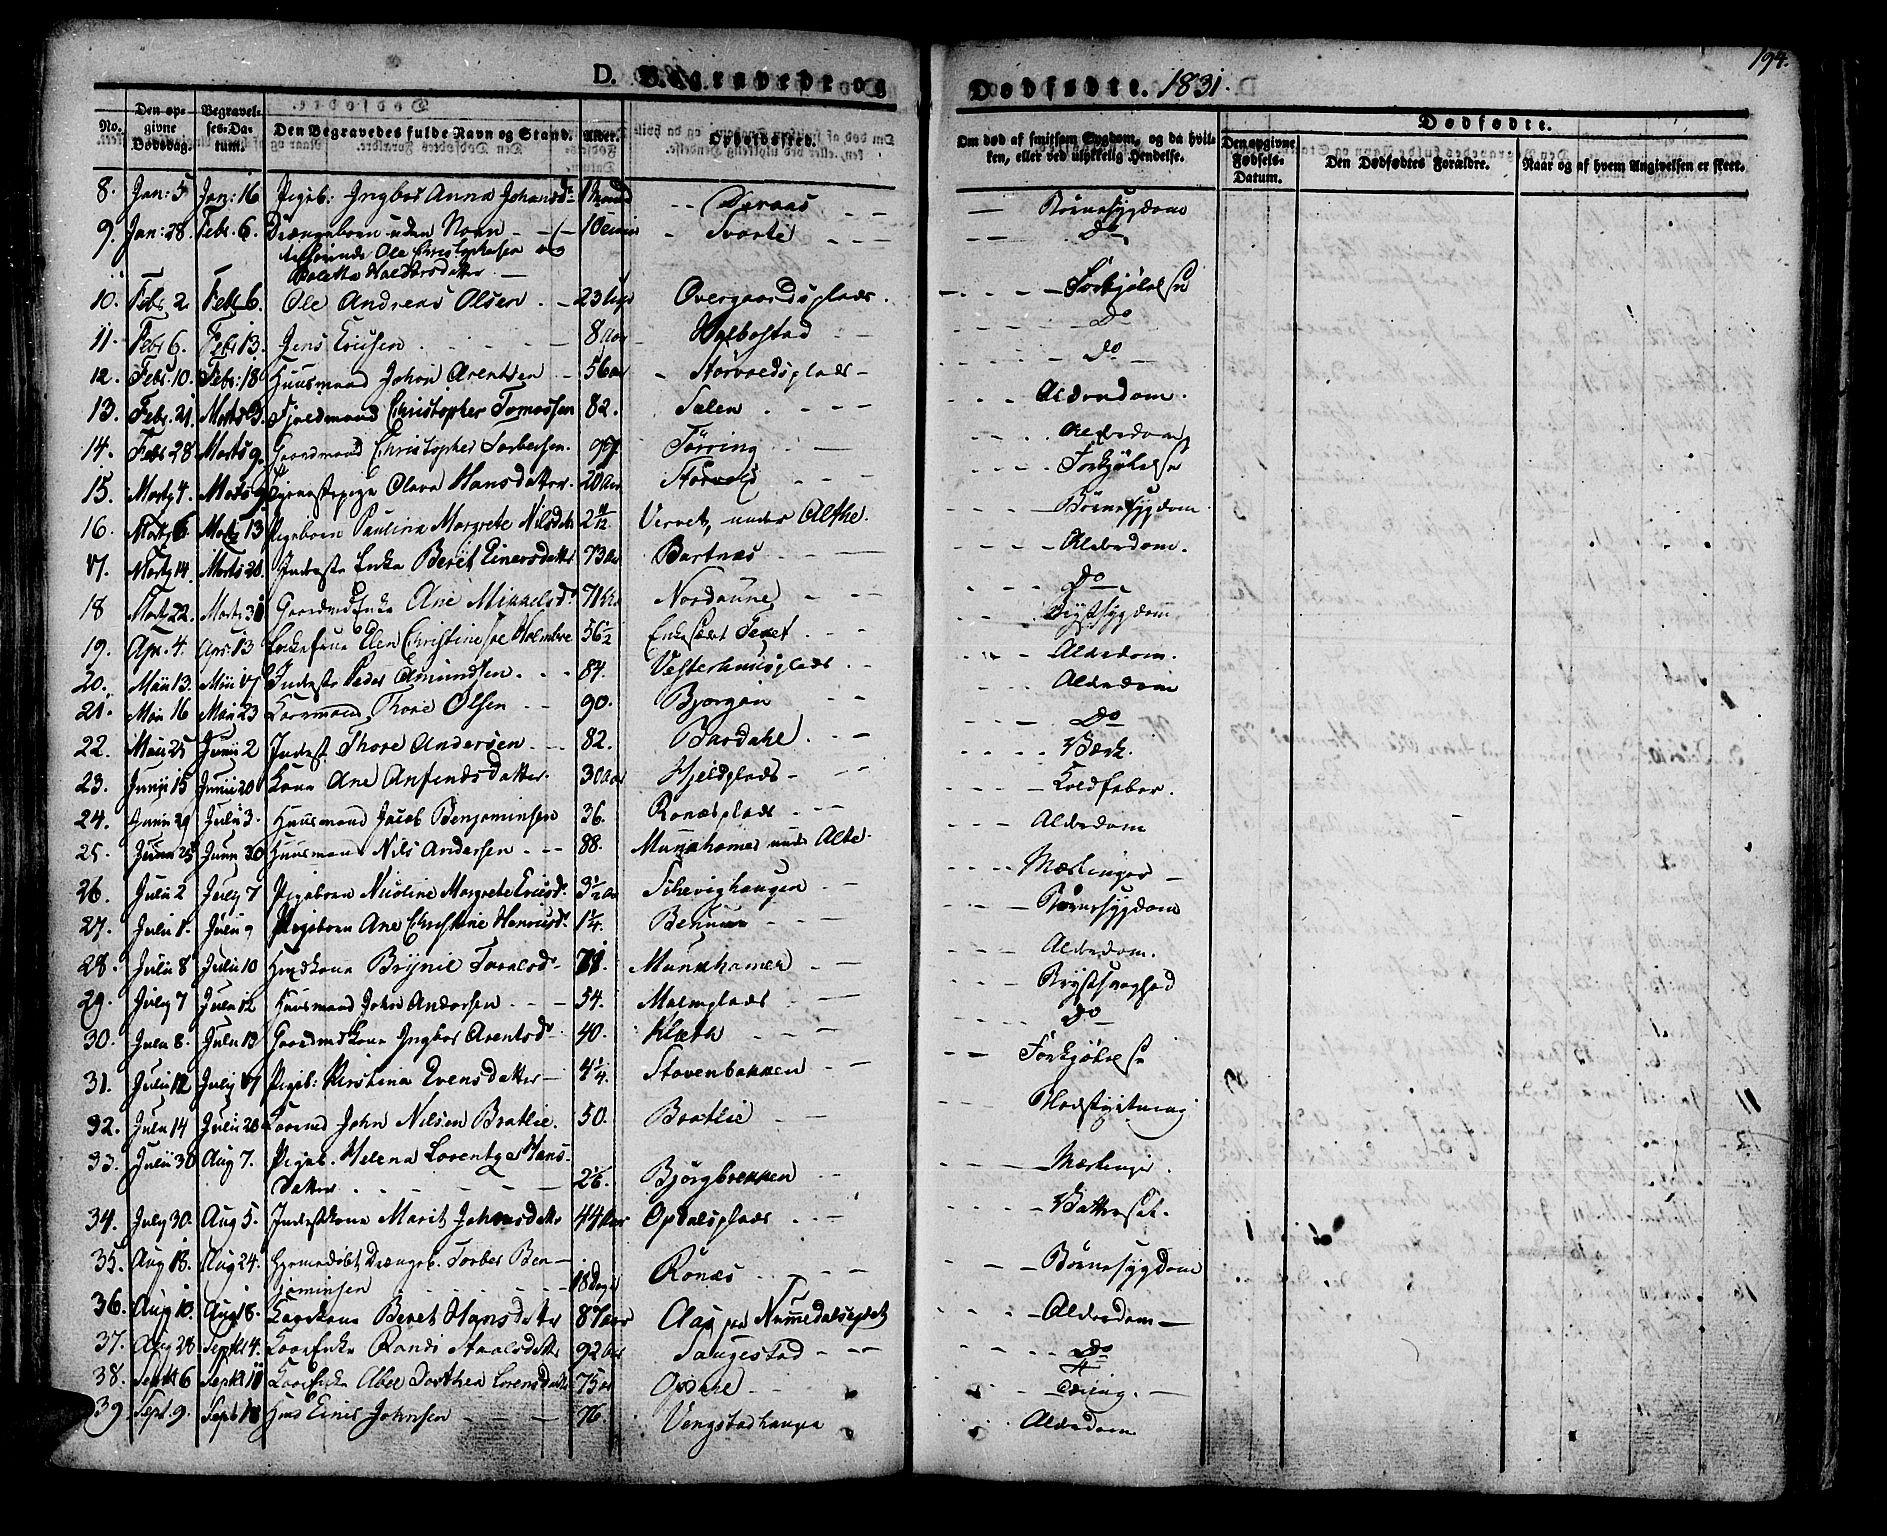 SAT, Ministerialprotokoller, klokkerbøker og fødselsregistre - Nord-Trøndelag, 741/L0390: Ministerialbok nr. 741A04, 1822-1836, s. 194